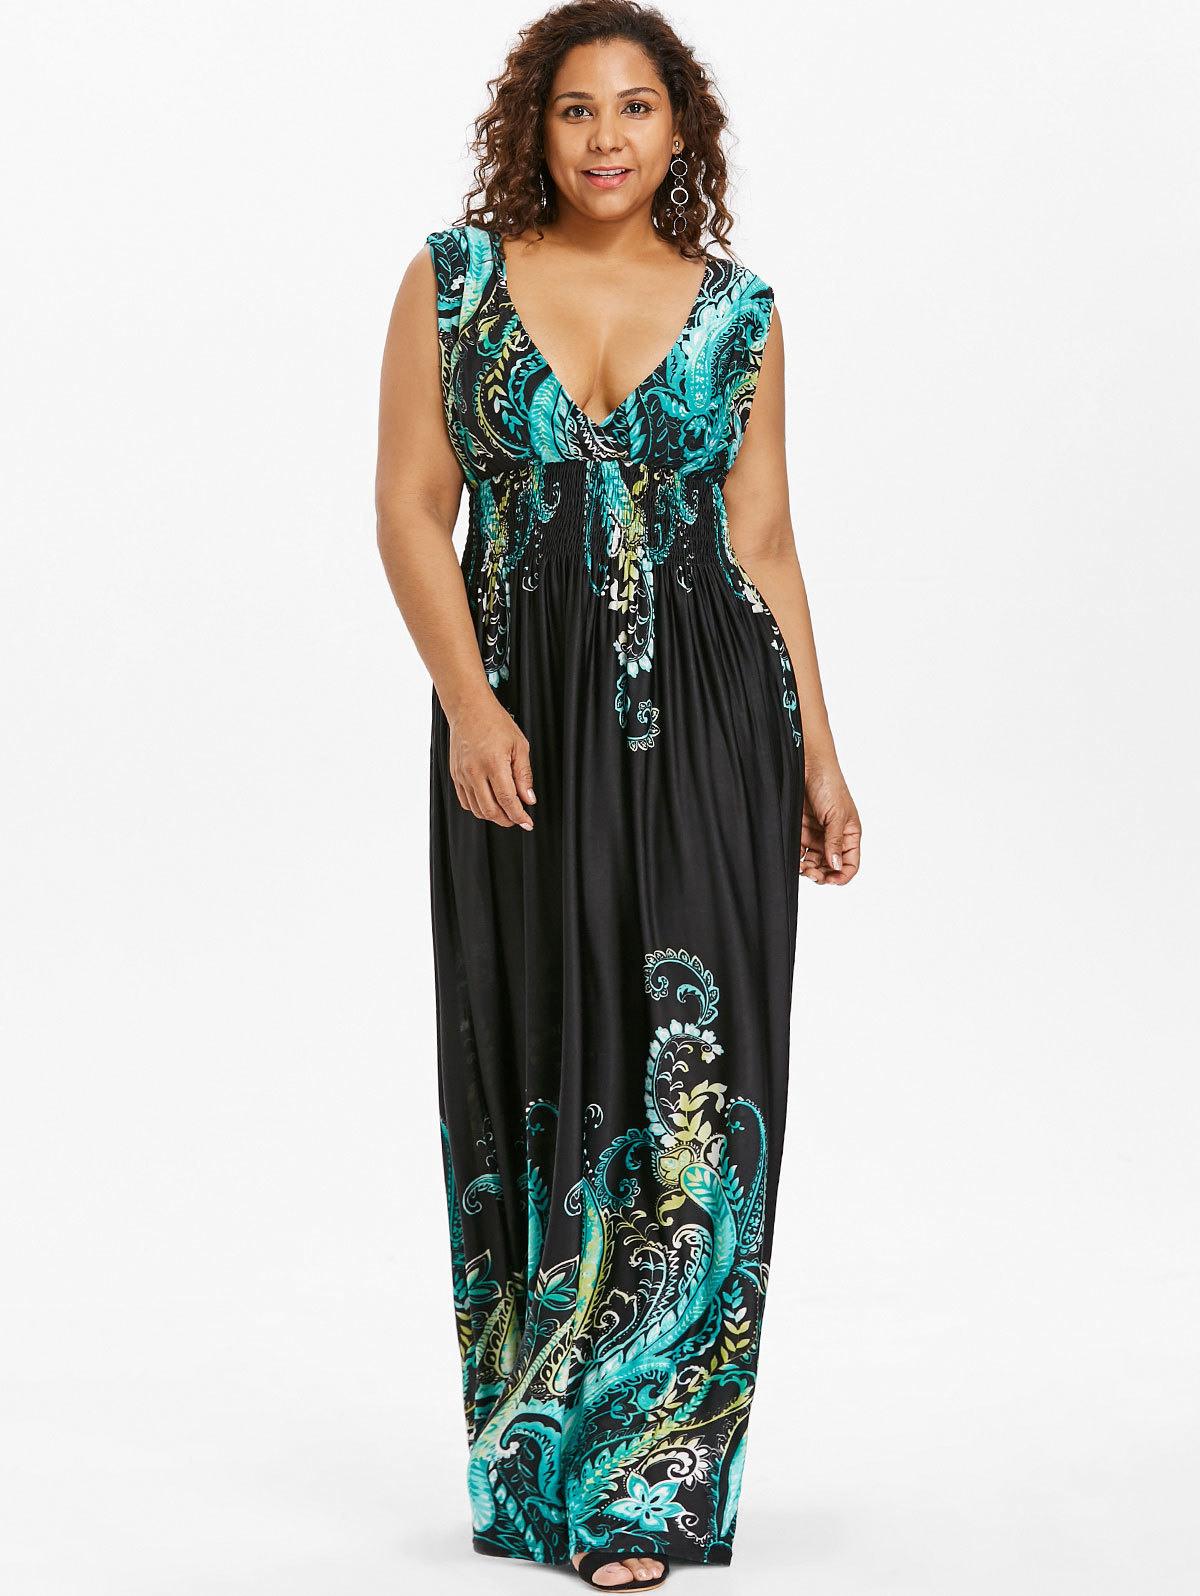 20 Spektakulär Maxi Kleider Große Größen Spezialgebiet15 Kreativ Maxi Kleider Große Größen Bester Preis